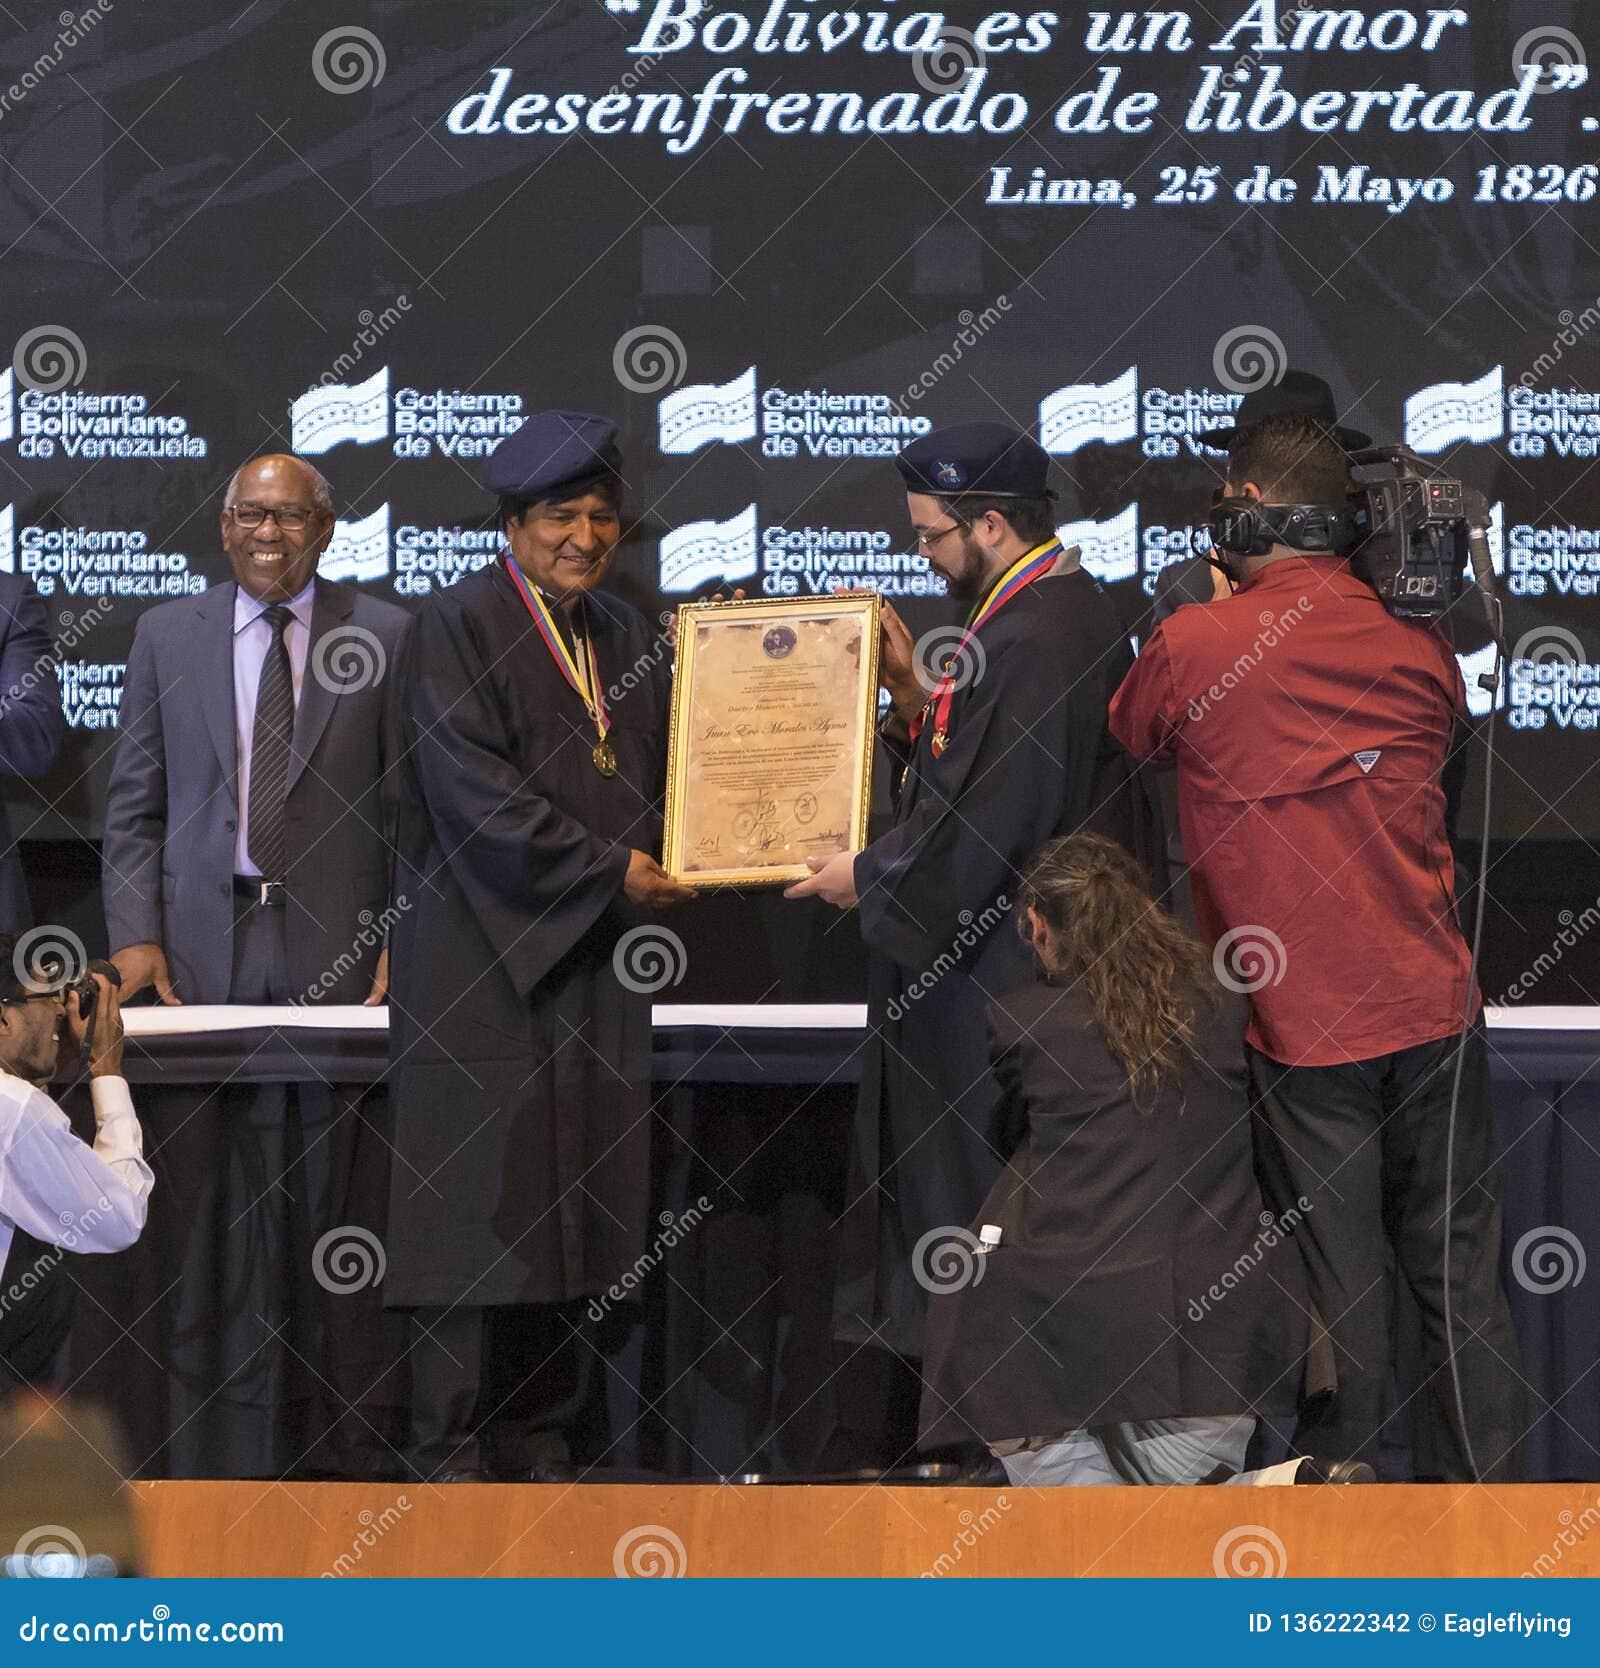 Evo Morales Ayma, presidente dello stato plurinazionale della Bolivia, pronuncia un discorso